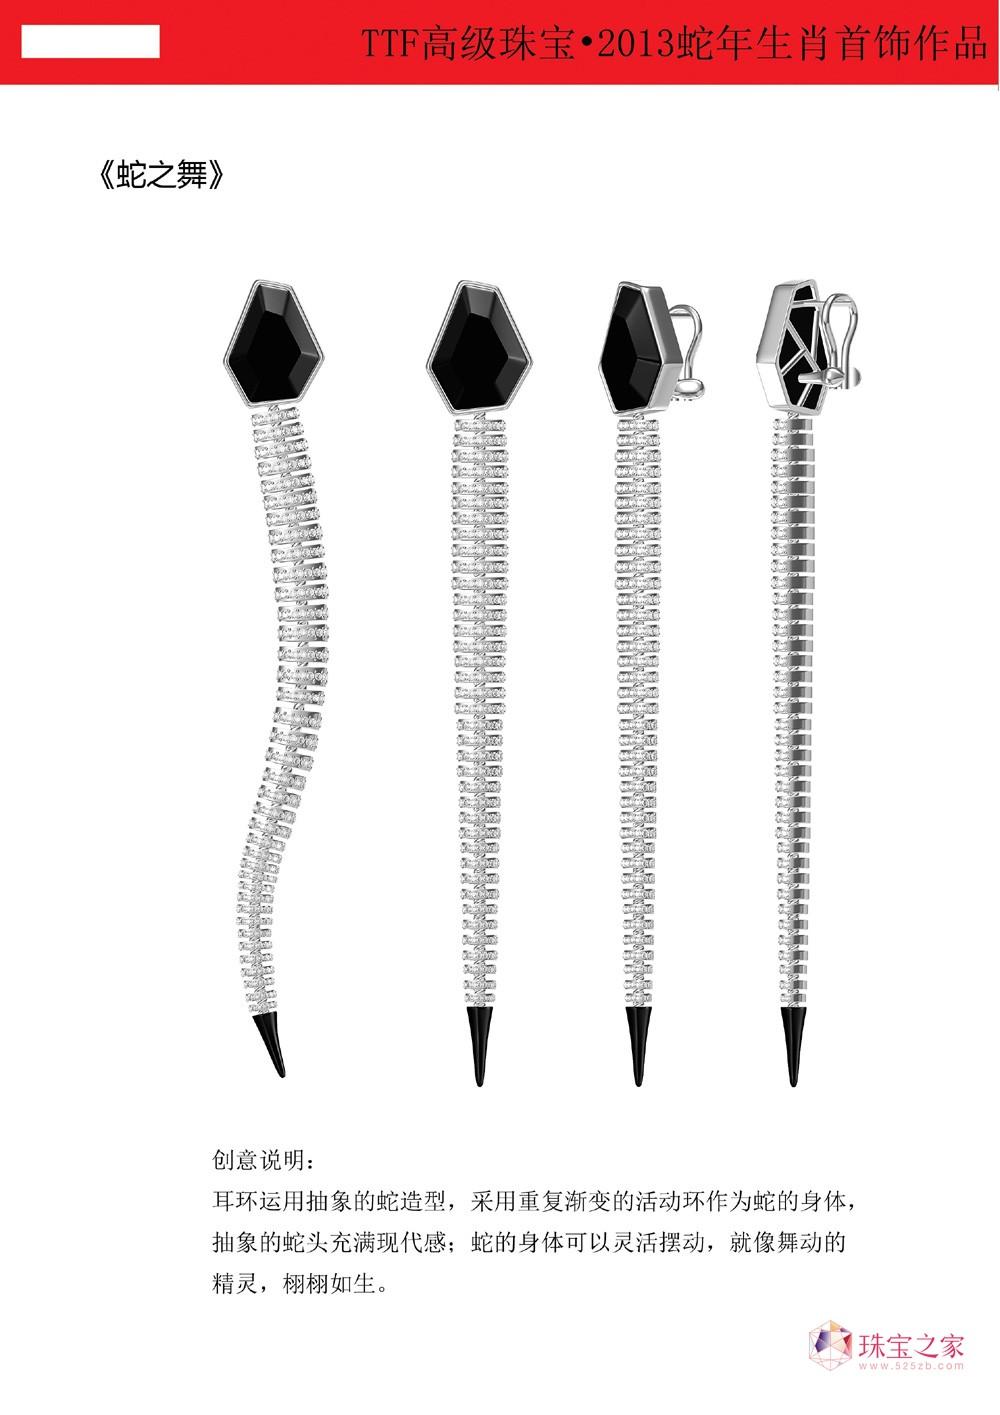 TTF高级珠宝•2013蛇年生肖首饰设计作品征集获奖名单揭晓